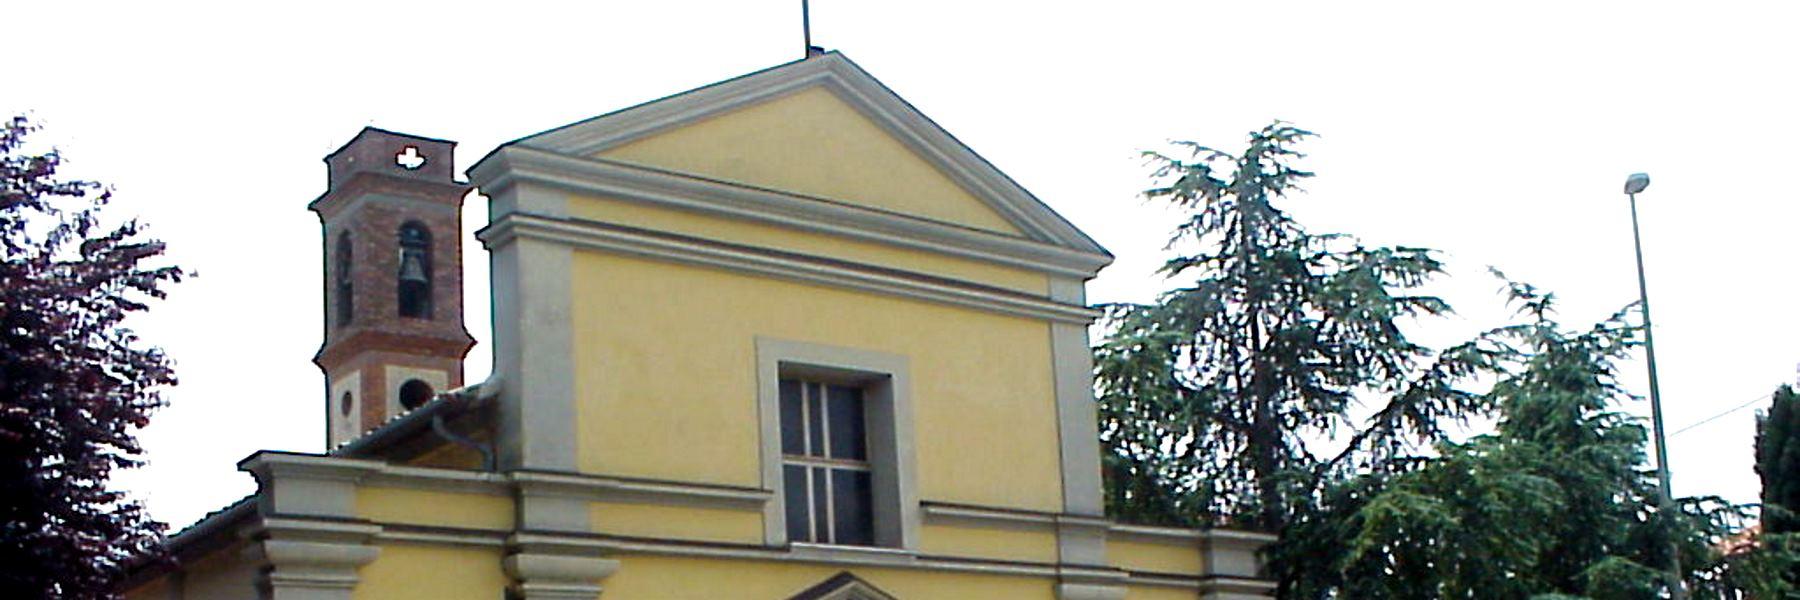 Église de Saint André apôtre